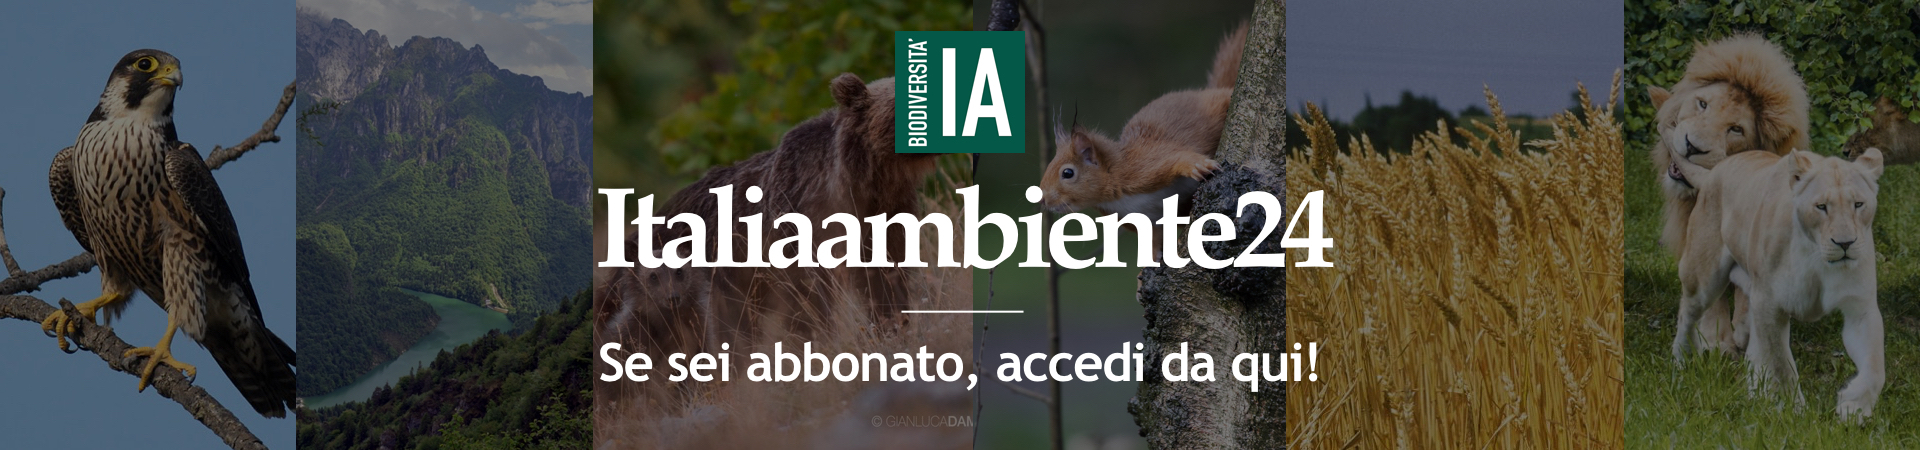 Accedi a Italiaambiente24